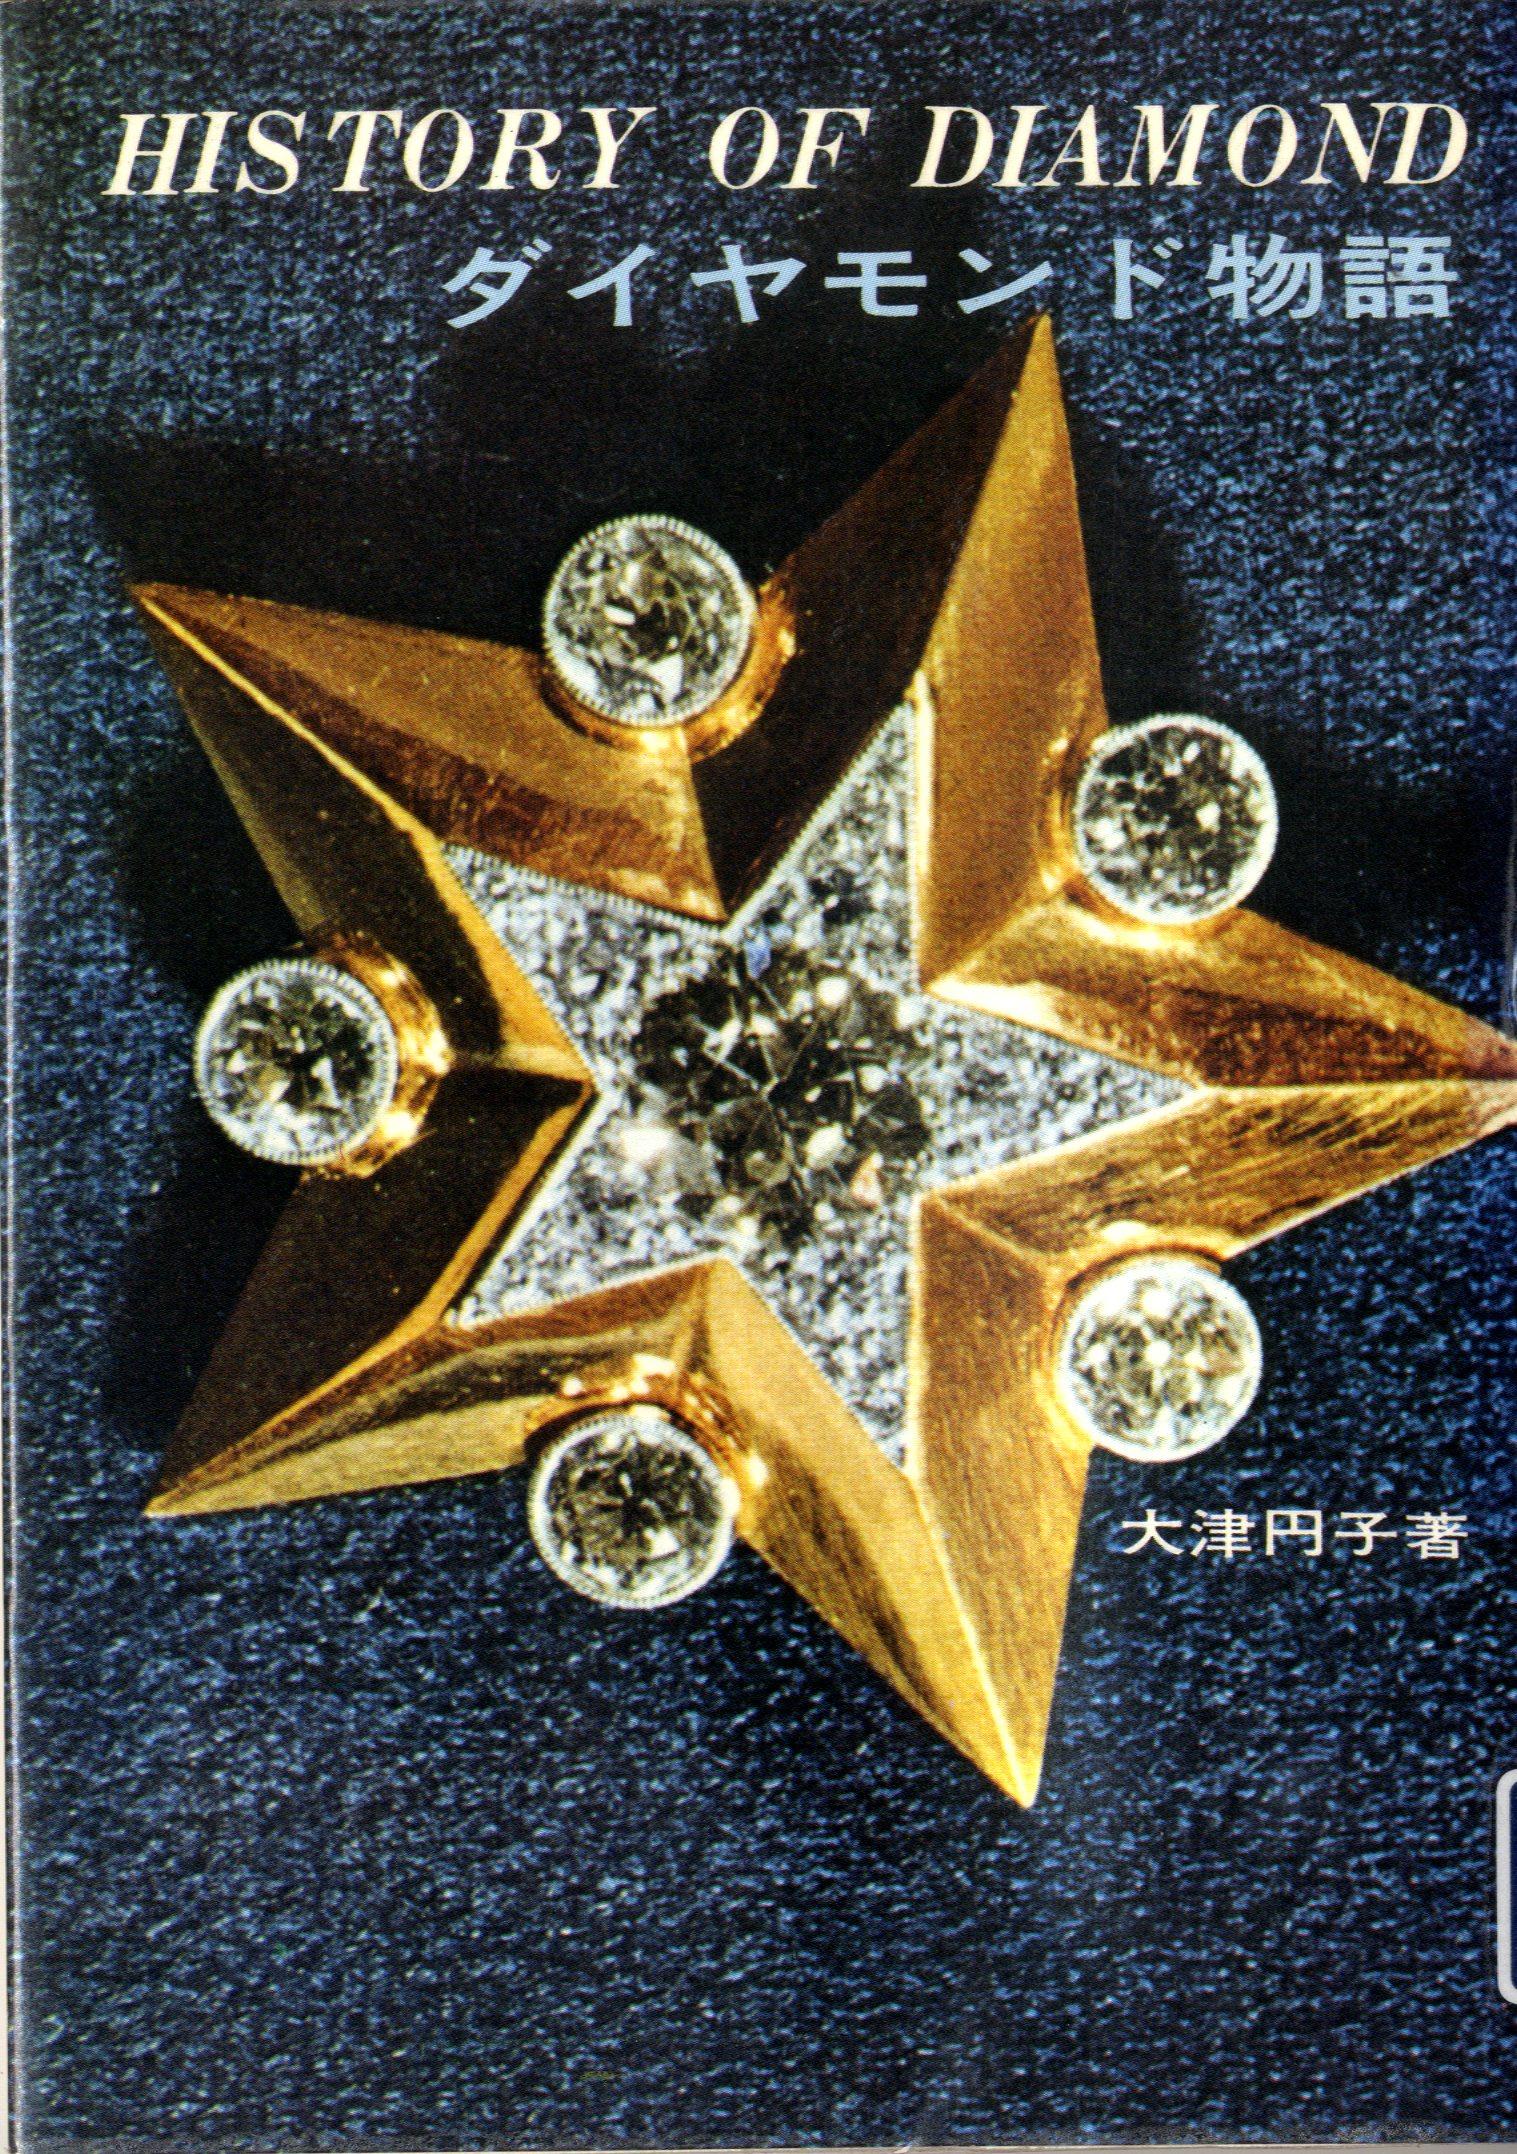 所蔵「ダイヤモンド物語」の表紙画像